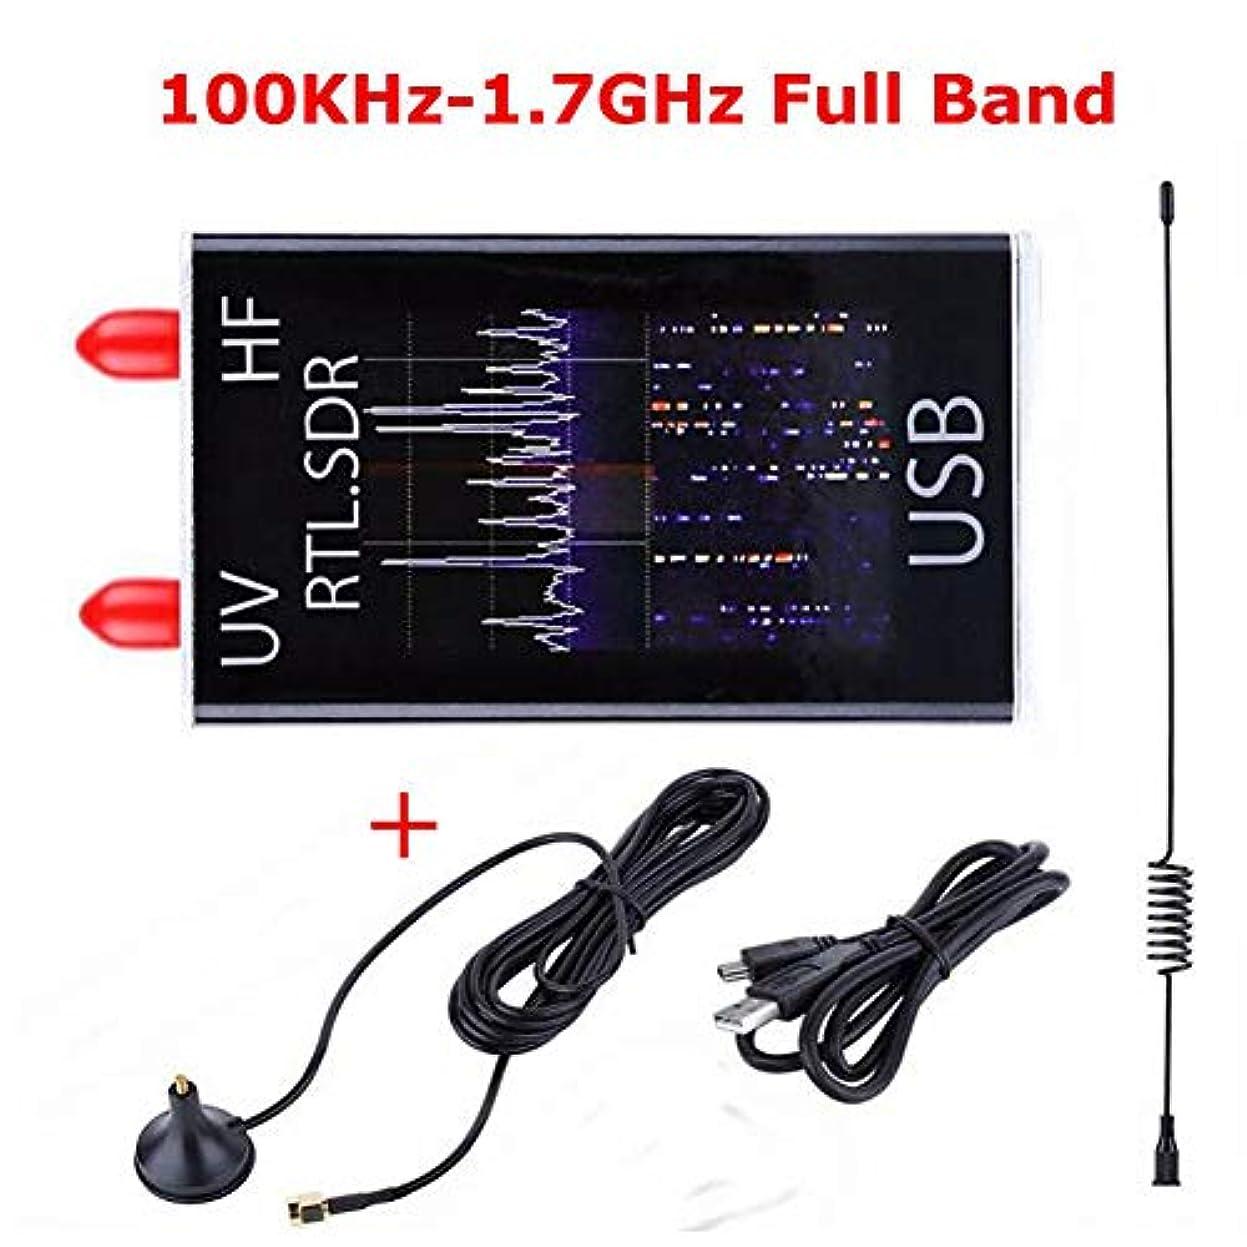 子孫立場ひもACHICOO 100KHz?1.7GHzフルバンドUV HF RTL-SDR USBチューナーレシーバ/ R820T + 8232ハムラジオ